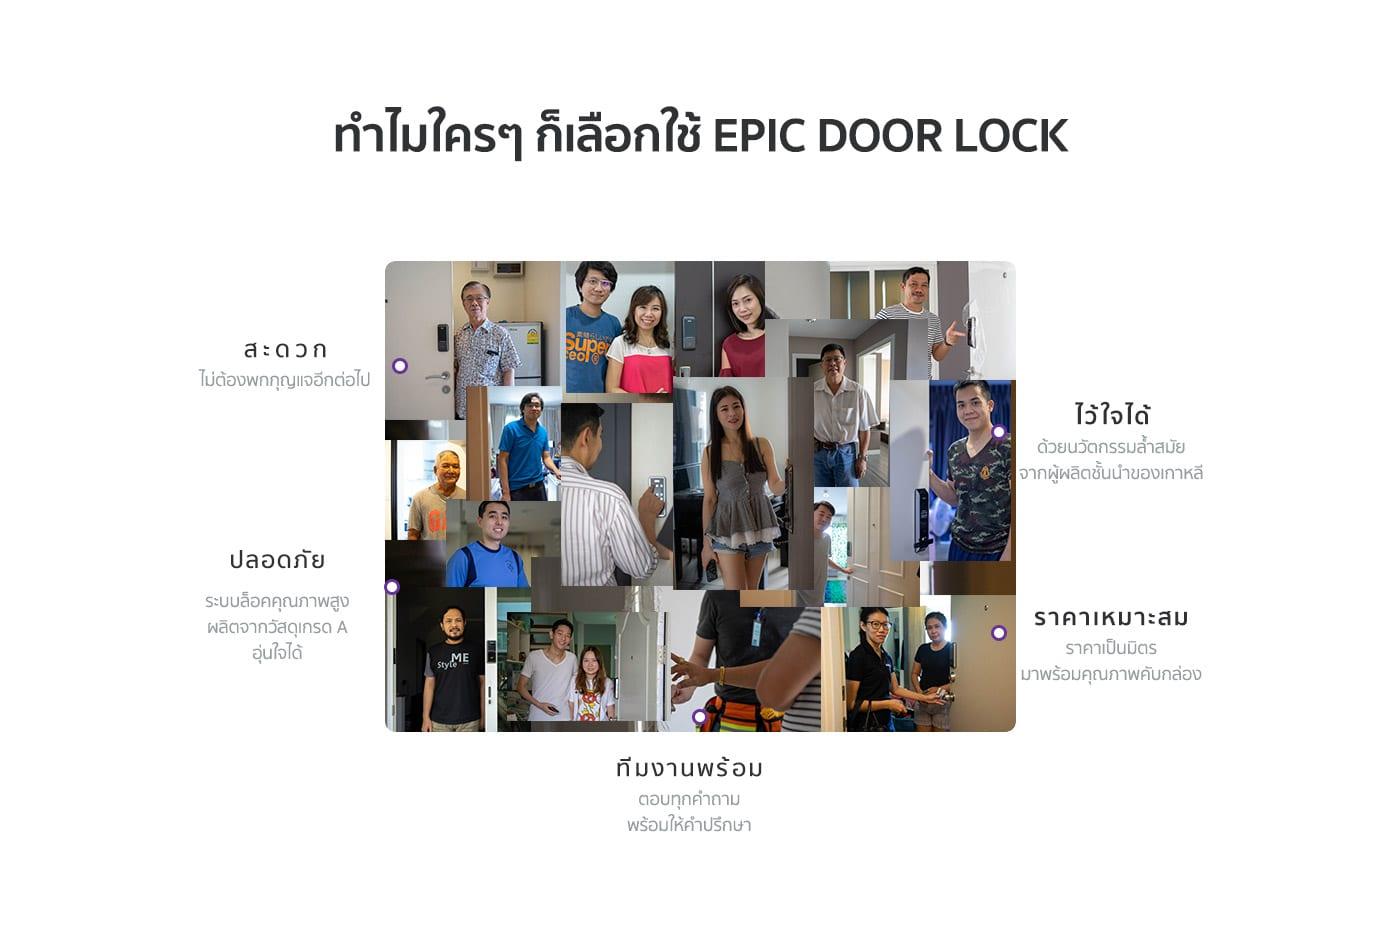 digital door lock epic door lock 001